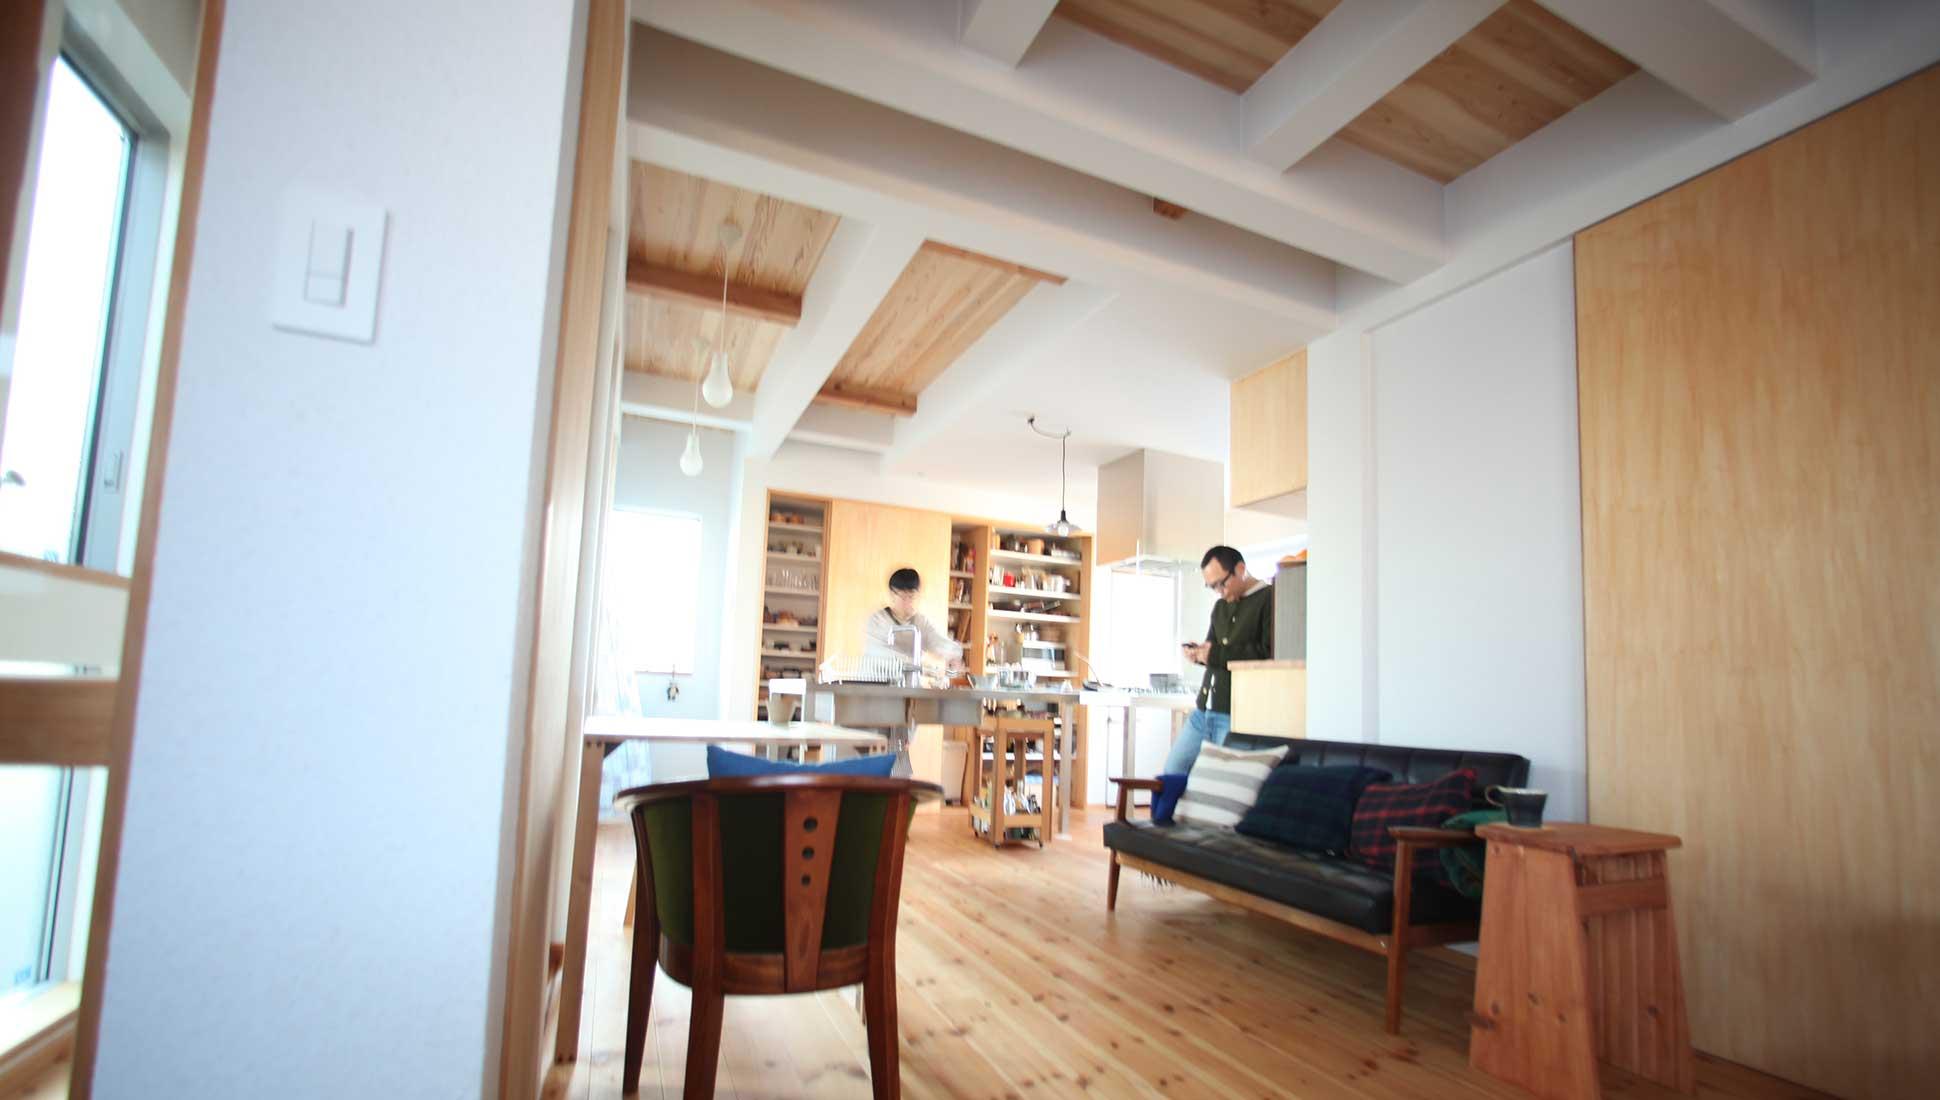 ステンレスオーダーキッチンを使いこなす生活:Jパネルと南側階段のデザイン住宅